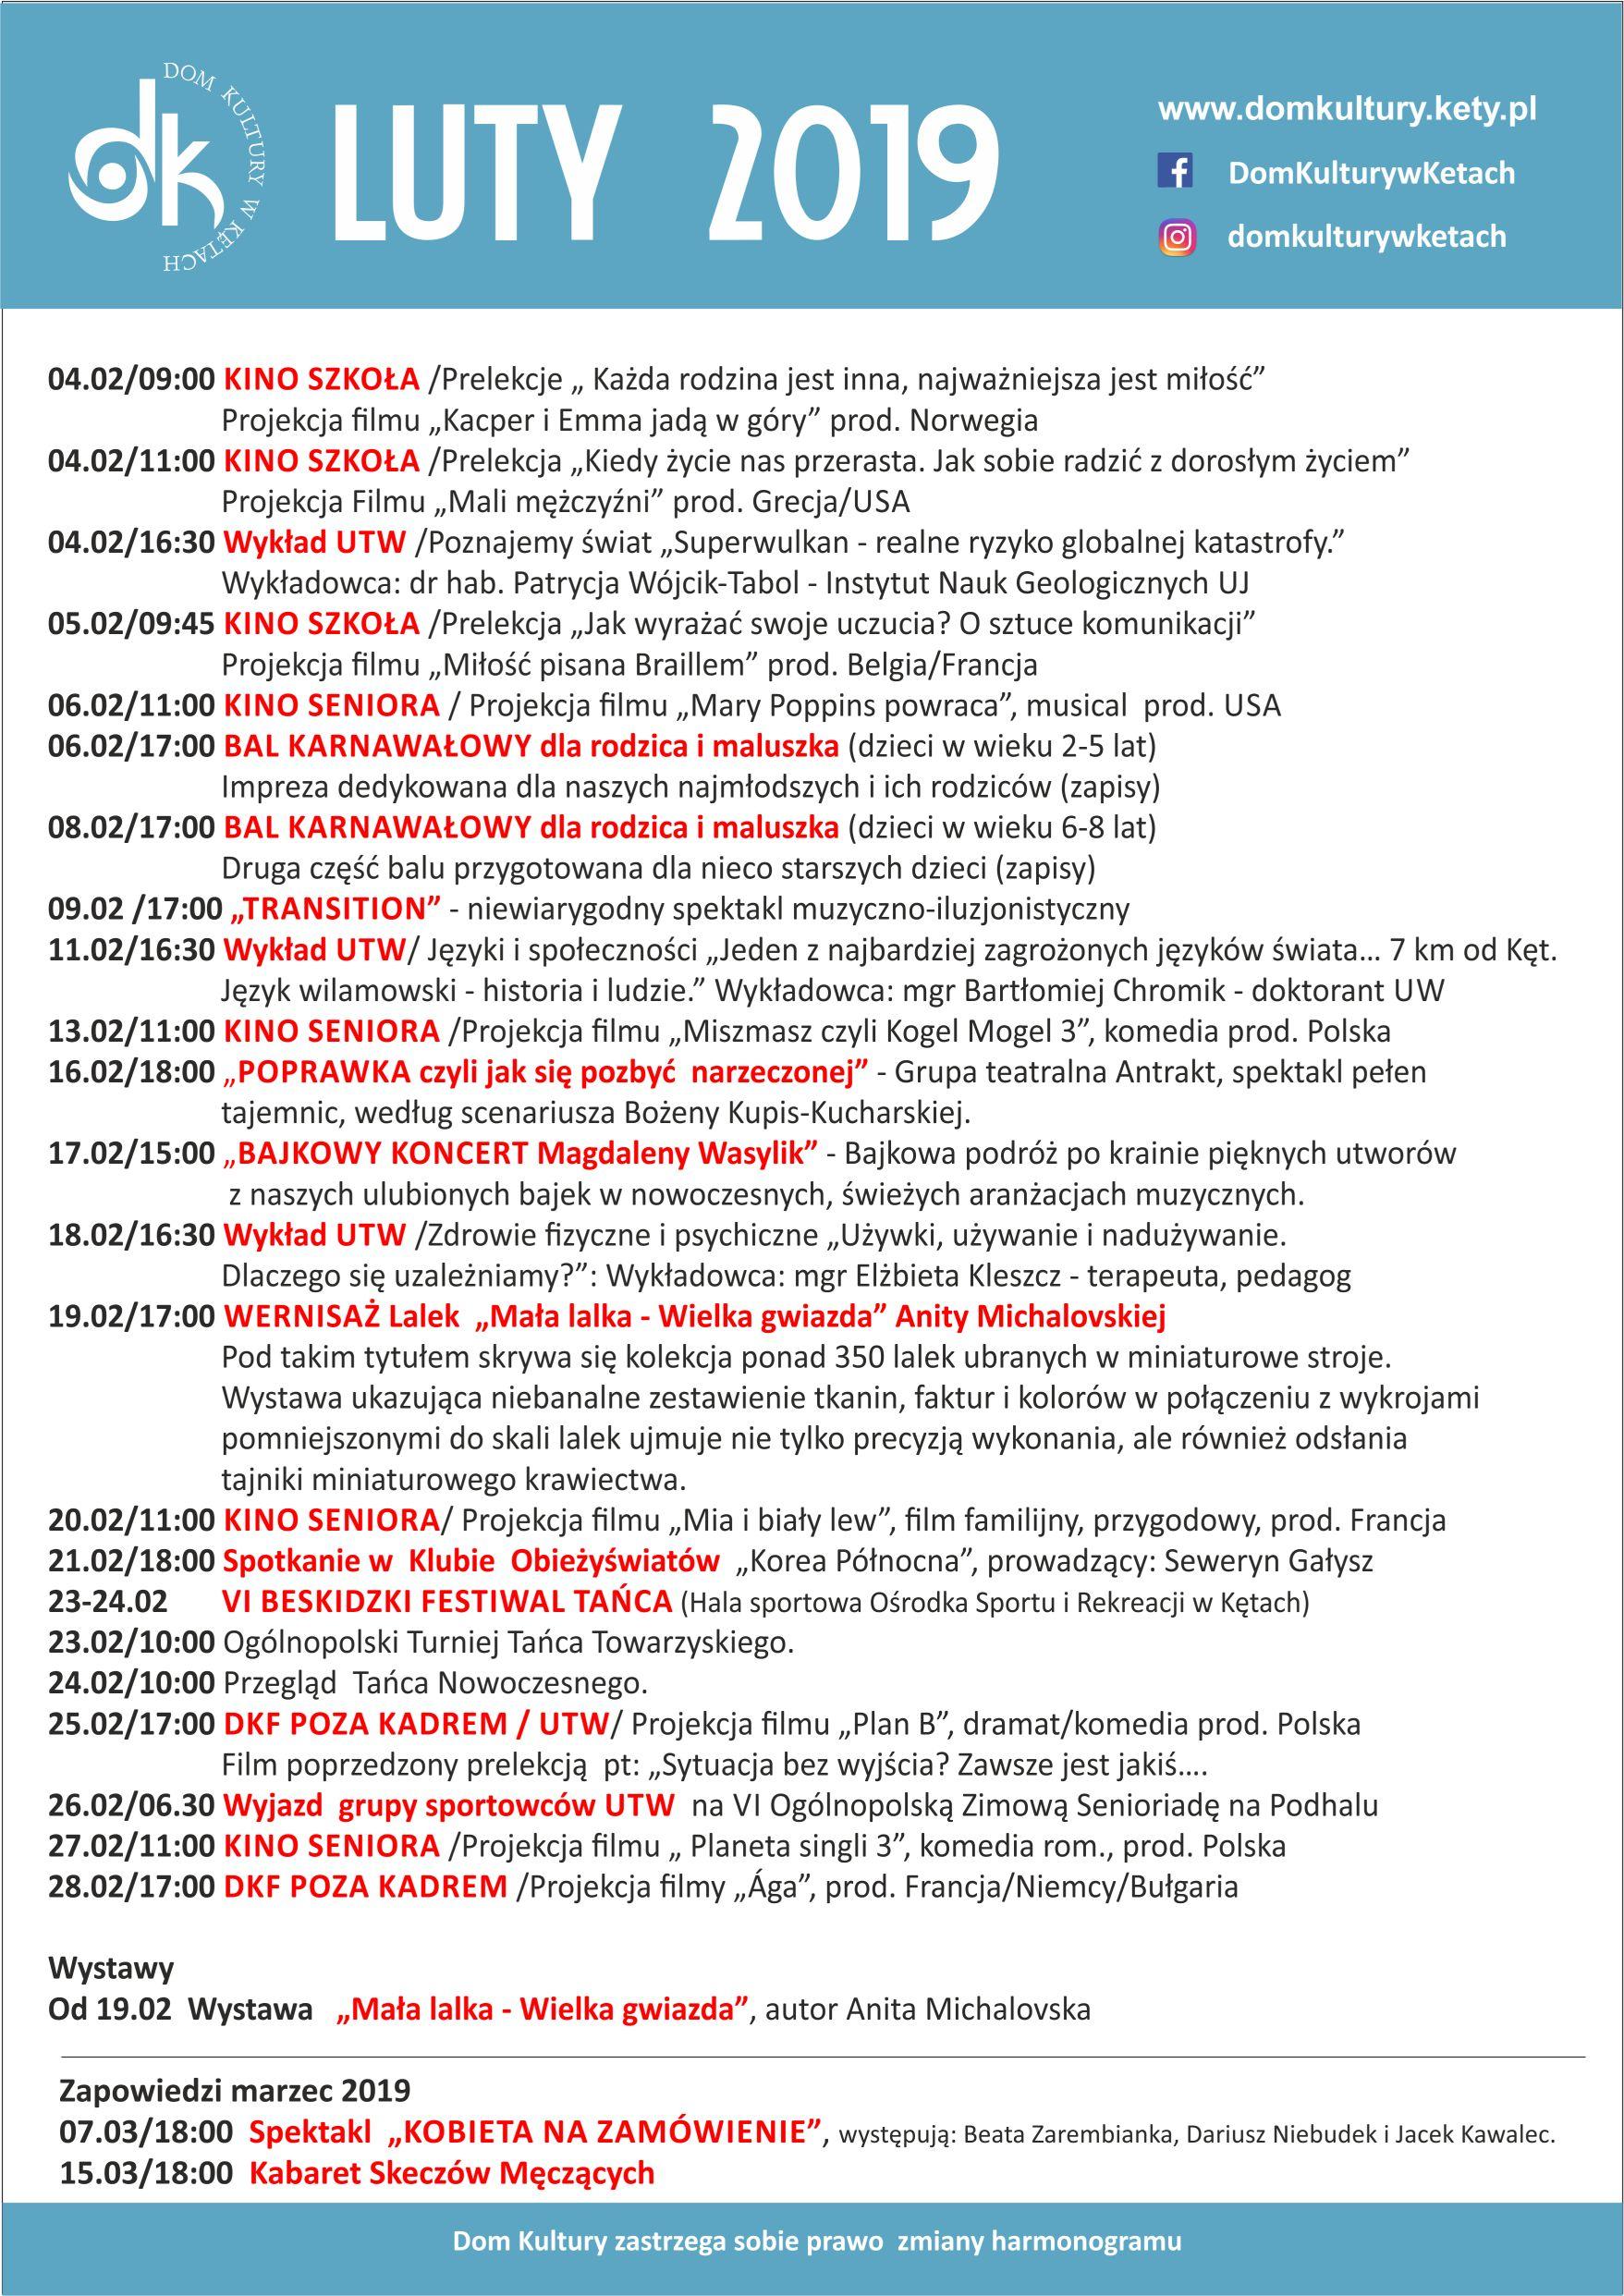 Wydarzenia i repertuar kina w Domu Kultury w Kętach w lutym